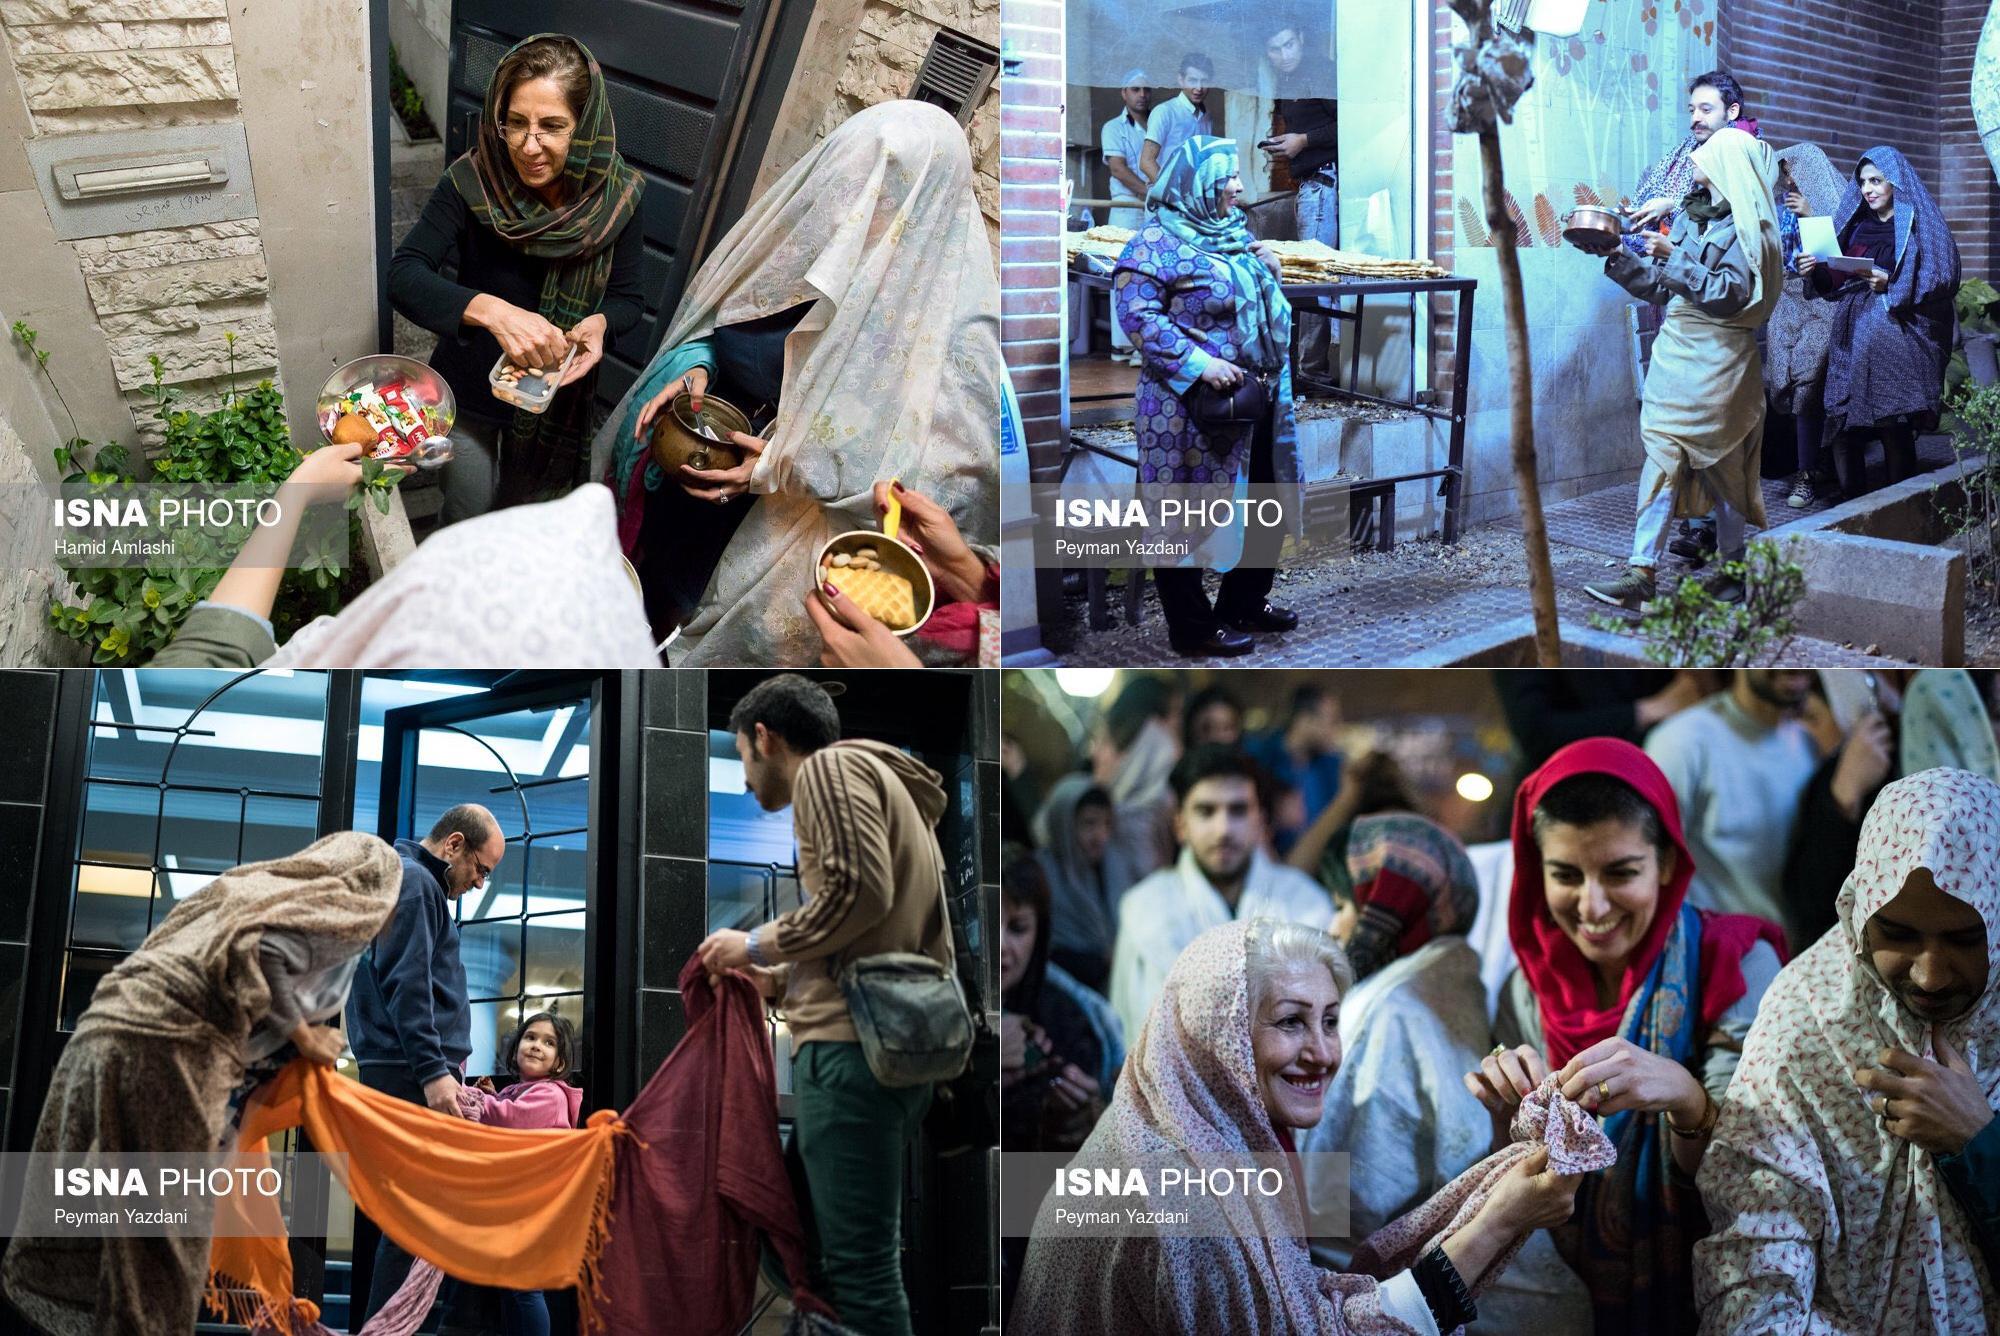 مراسم قاشق زنی در تهران+ عکس